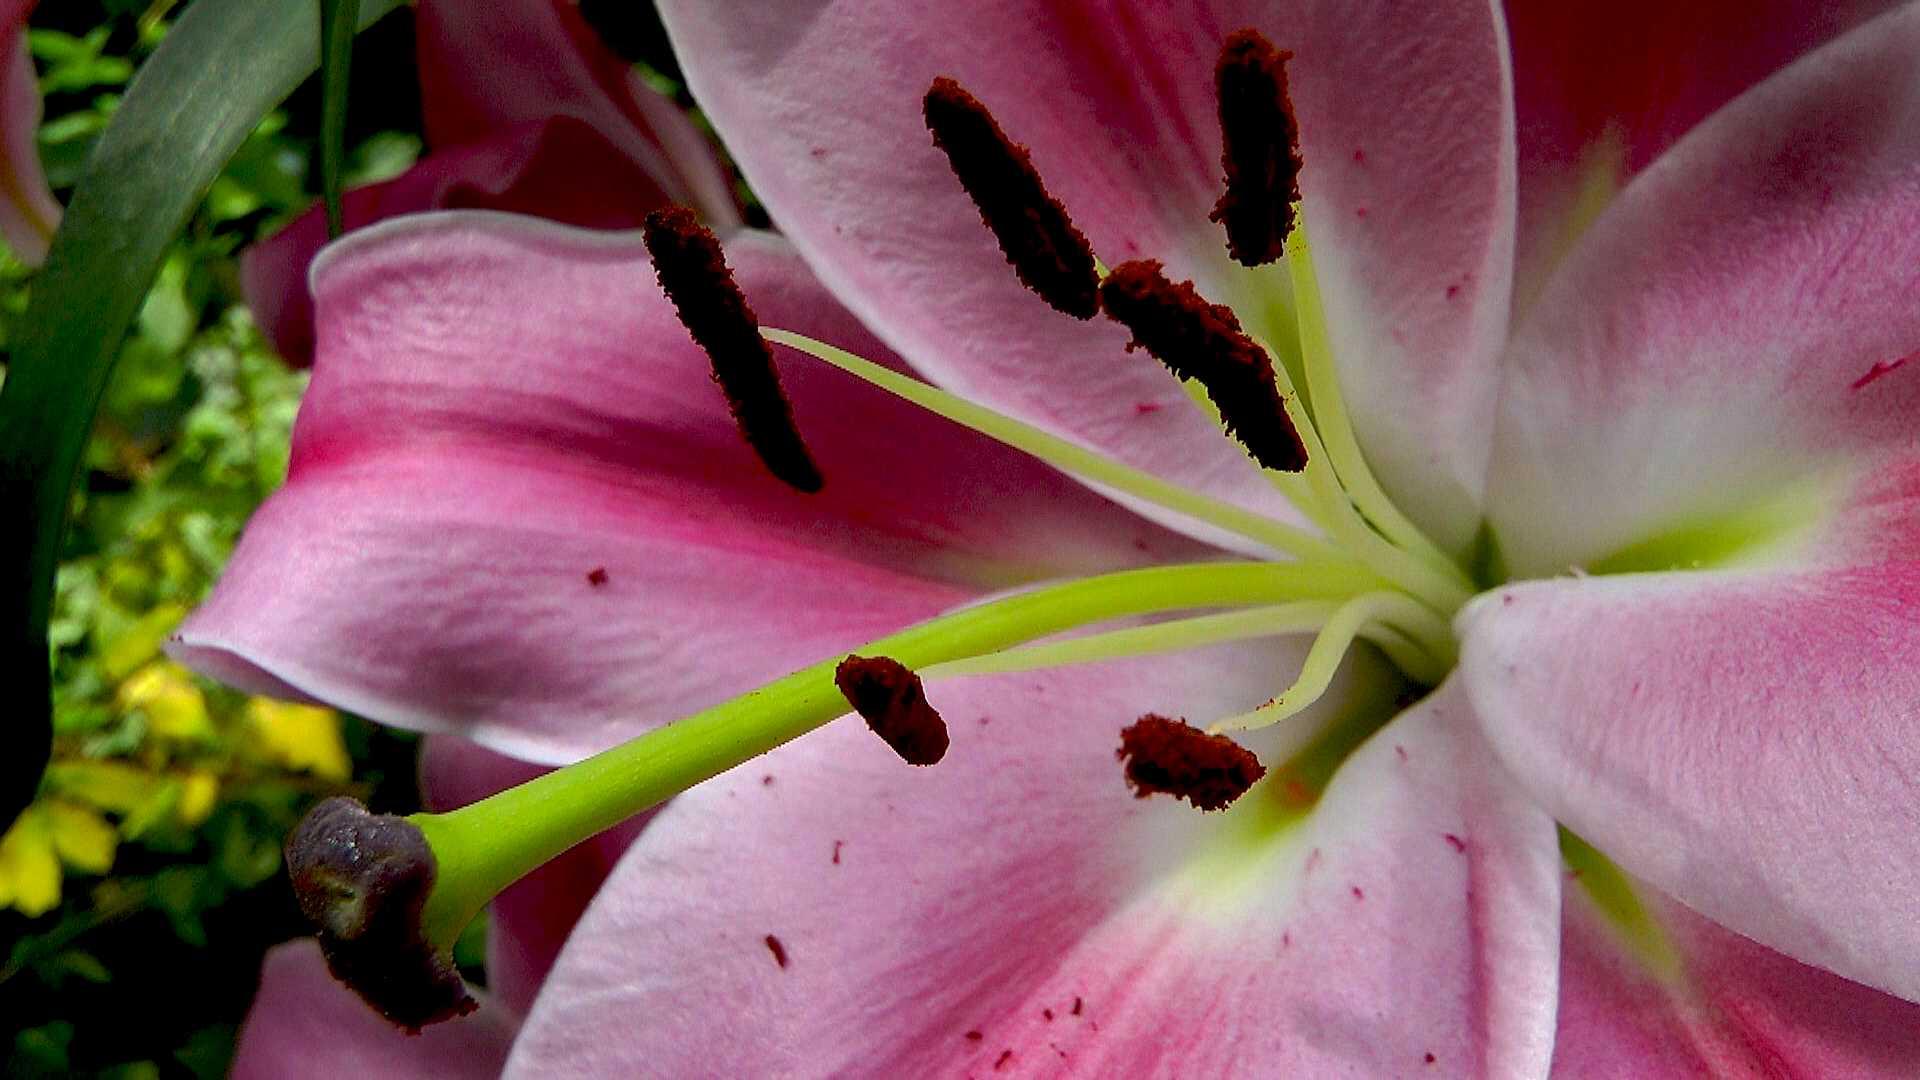 lilie video pflegehinweise g rtnertipps und weitere informationen zu lilien auf garten natur. Black Bedroom Furniture Sets. Home Design Ideas